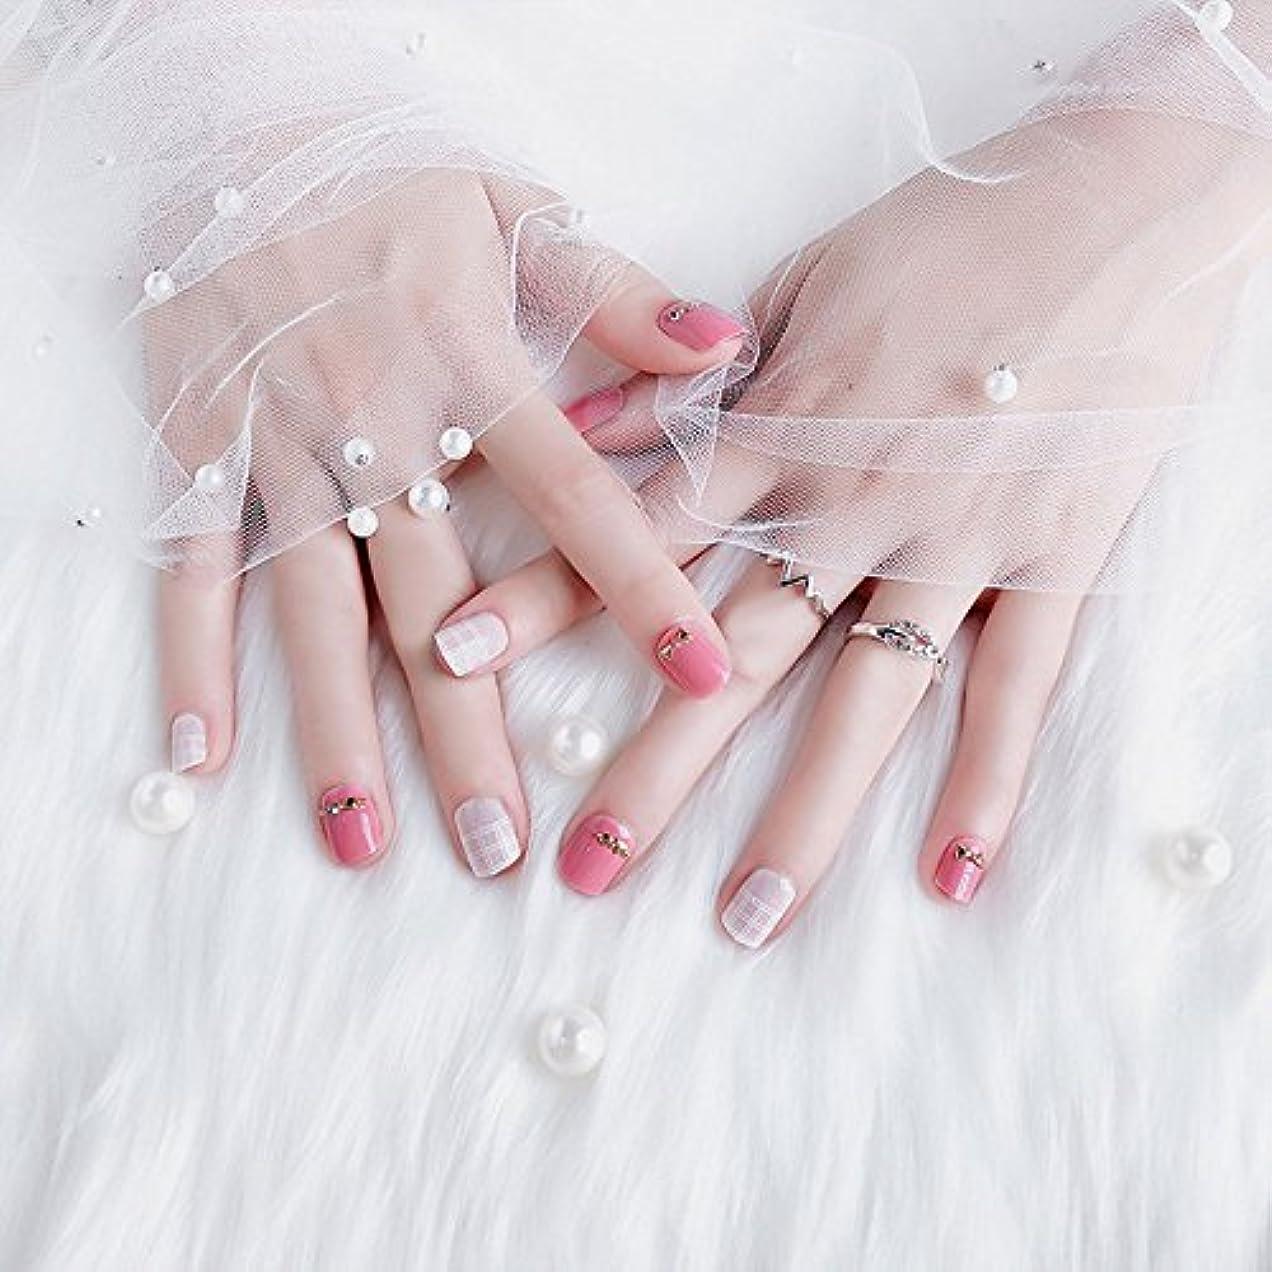 に変わるほめるハウジングおしゃれなネイルチップ 短いさネイルチップ 複数のスタイル 24枚入 結婚式、パーティー、二次会などに ネイルアート 手作りネイルチップ 両面接着テープ付き (ピンク)